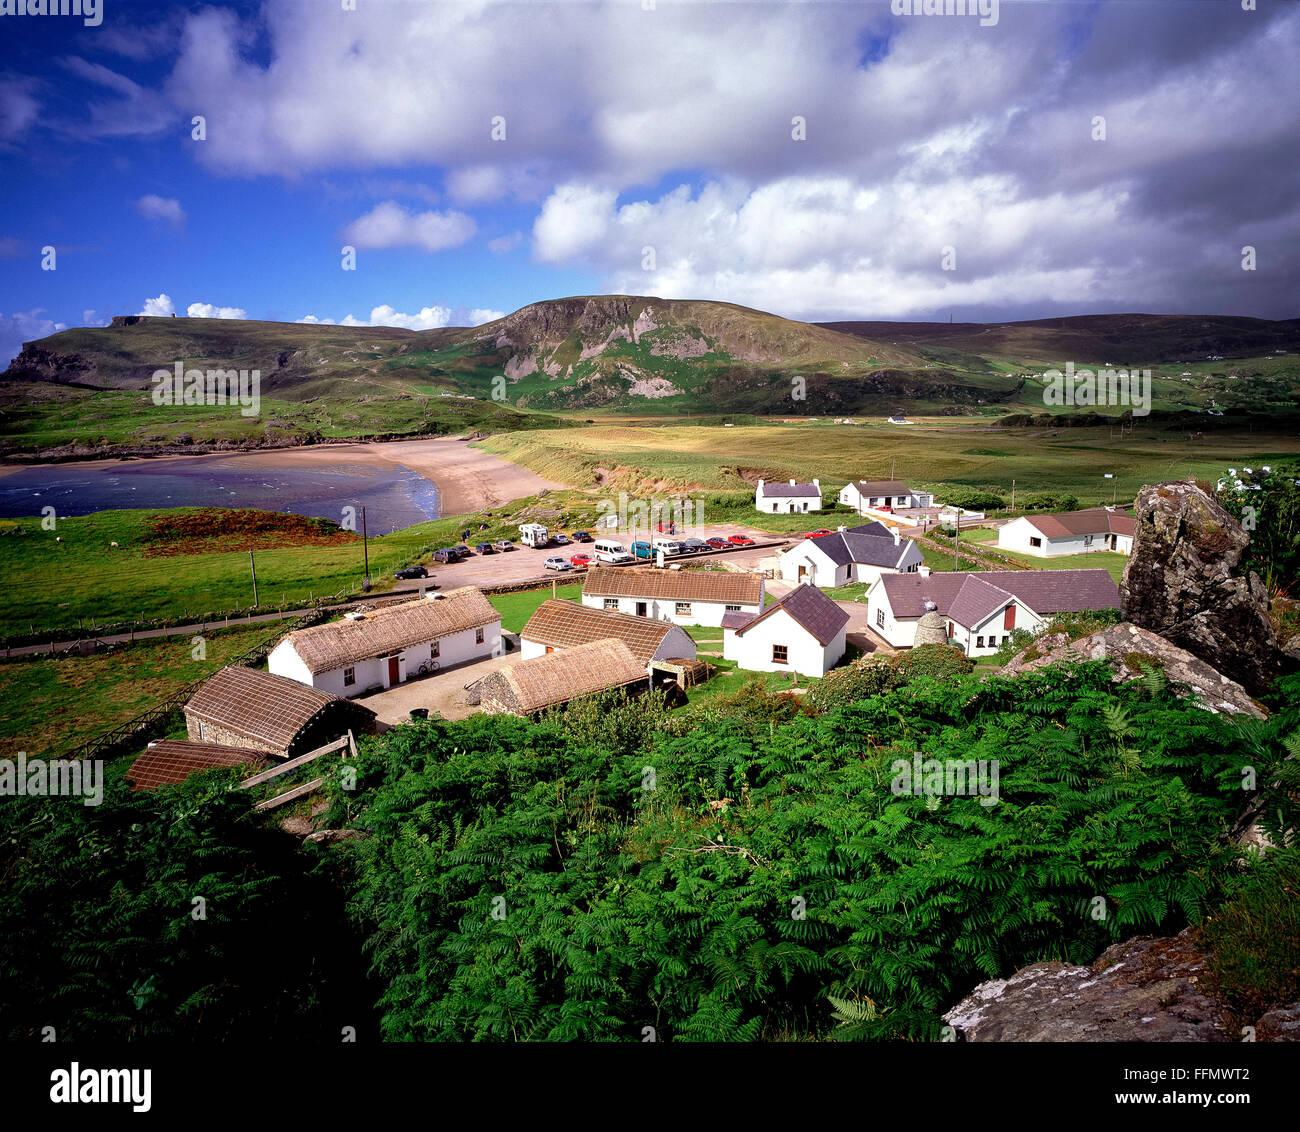 Glencolumbkille folk vilage west Donegal Ireland - Stock Image